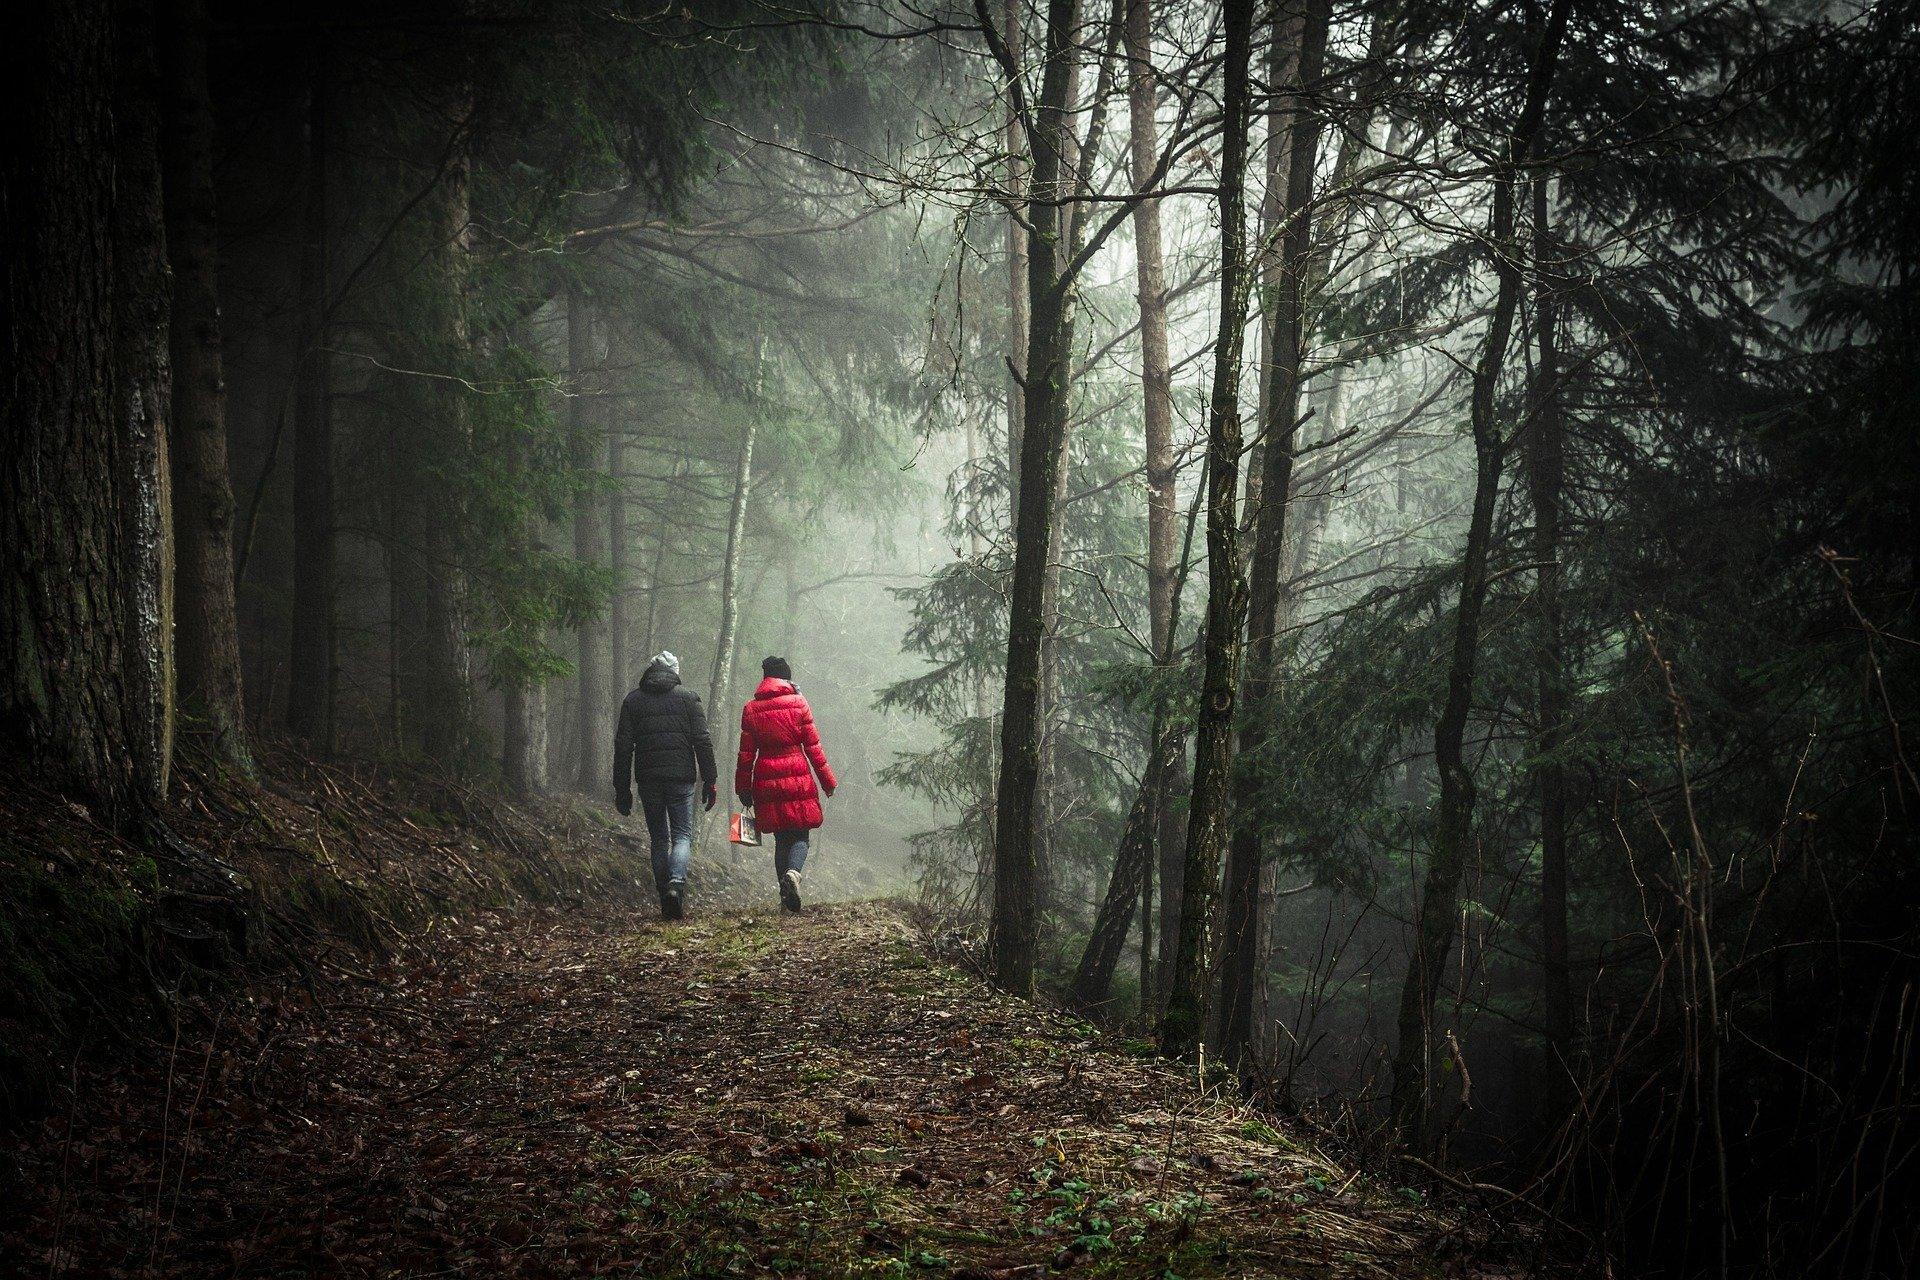 un uomo ed una donna che camminano nel sentiero di un bosco